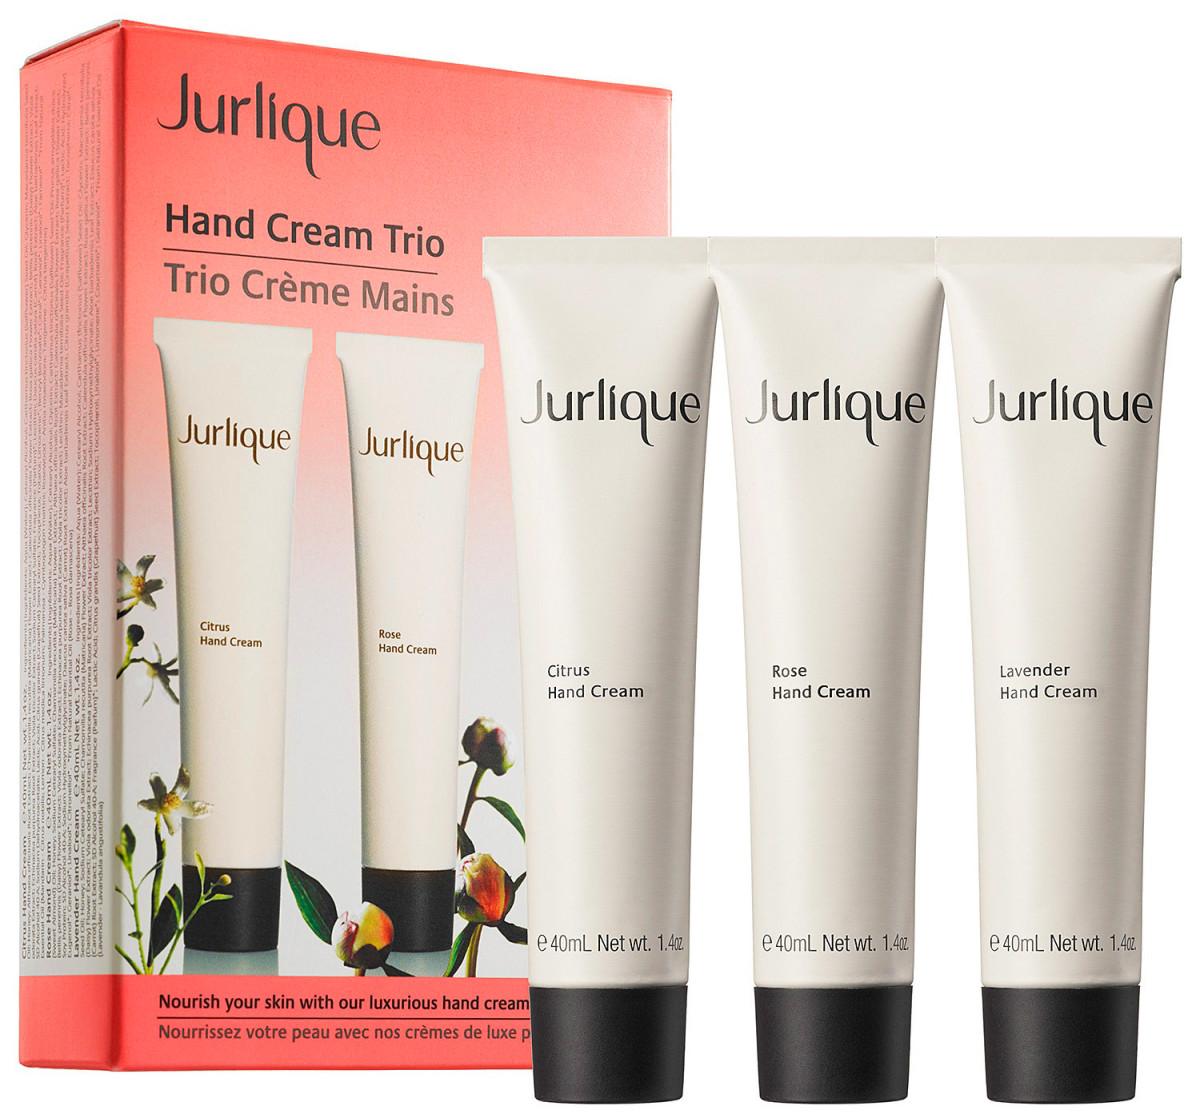 Hand Cream Gift Guide_Jurlique Hand Cream Trio